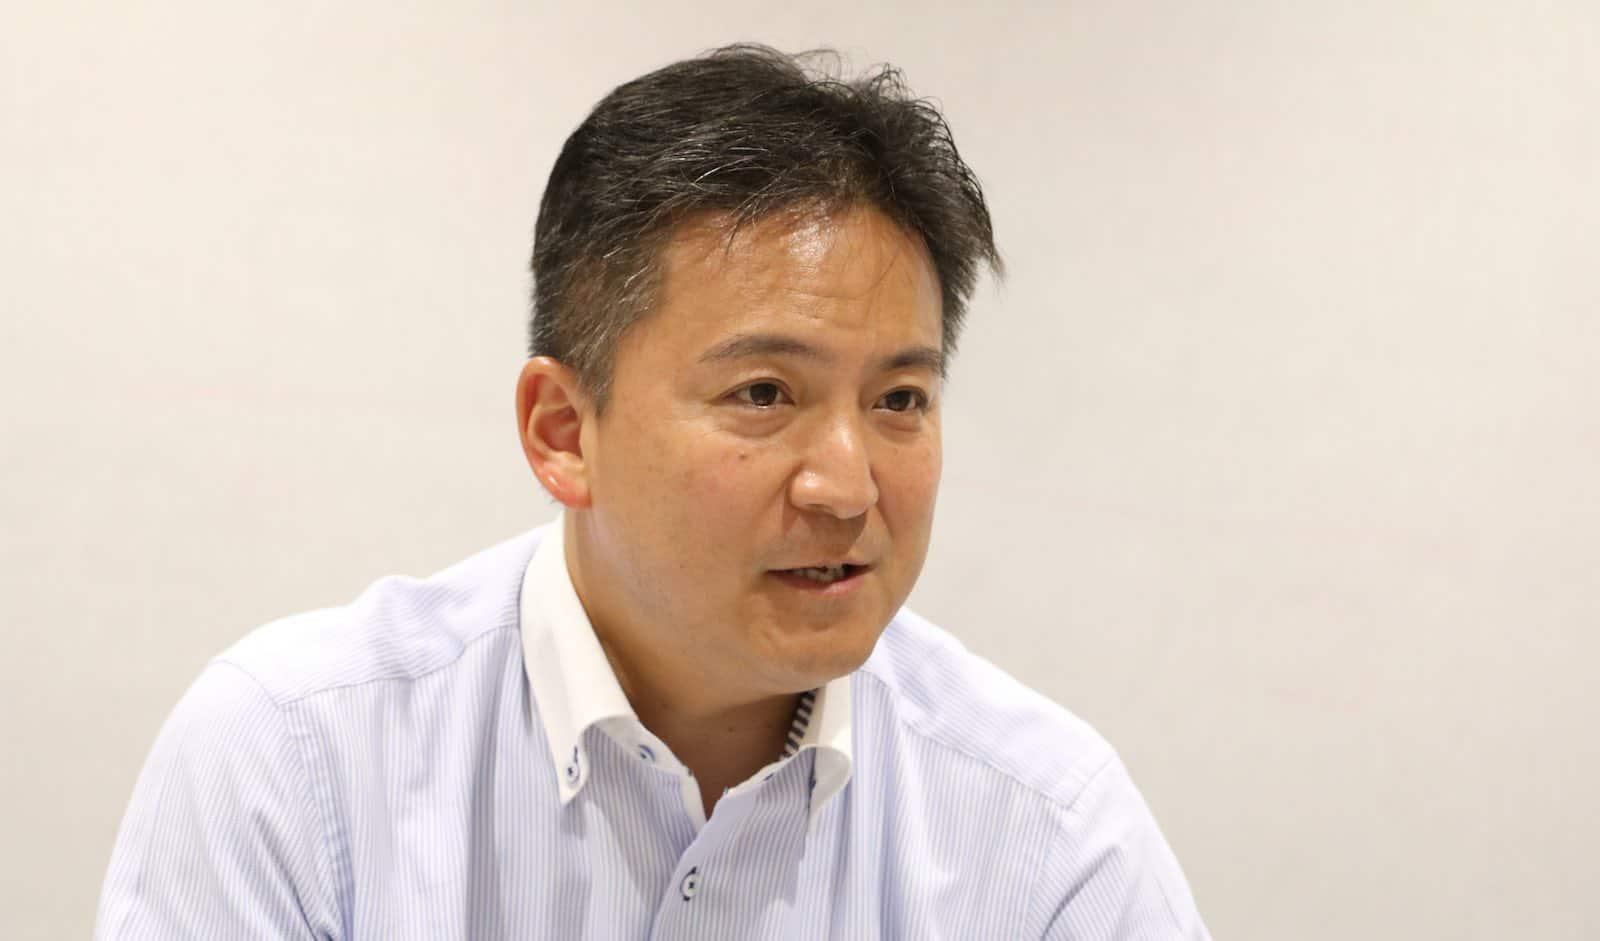 株式会社ウフル CIO(チーフ・イノベーション・オフィサー)兼IoTイノベーションセンター所長 エグゼクティブコンサルタント 八子 知礼氏